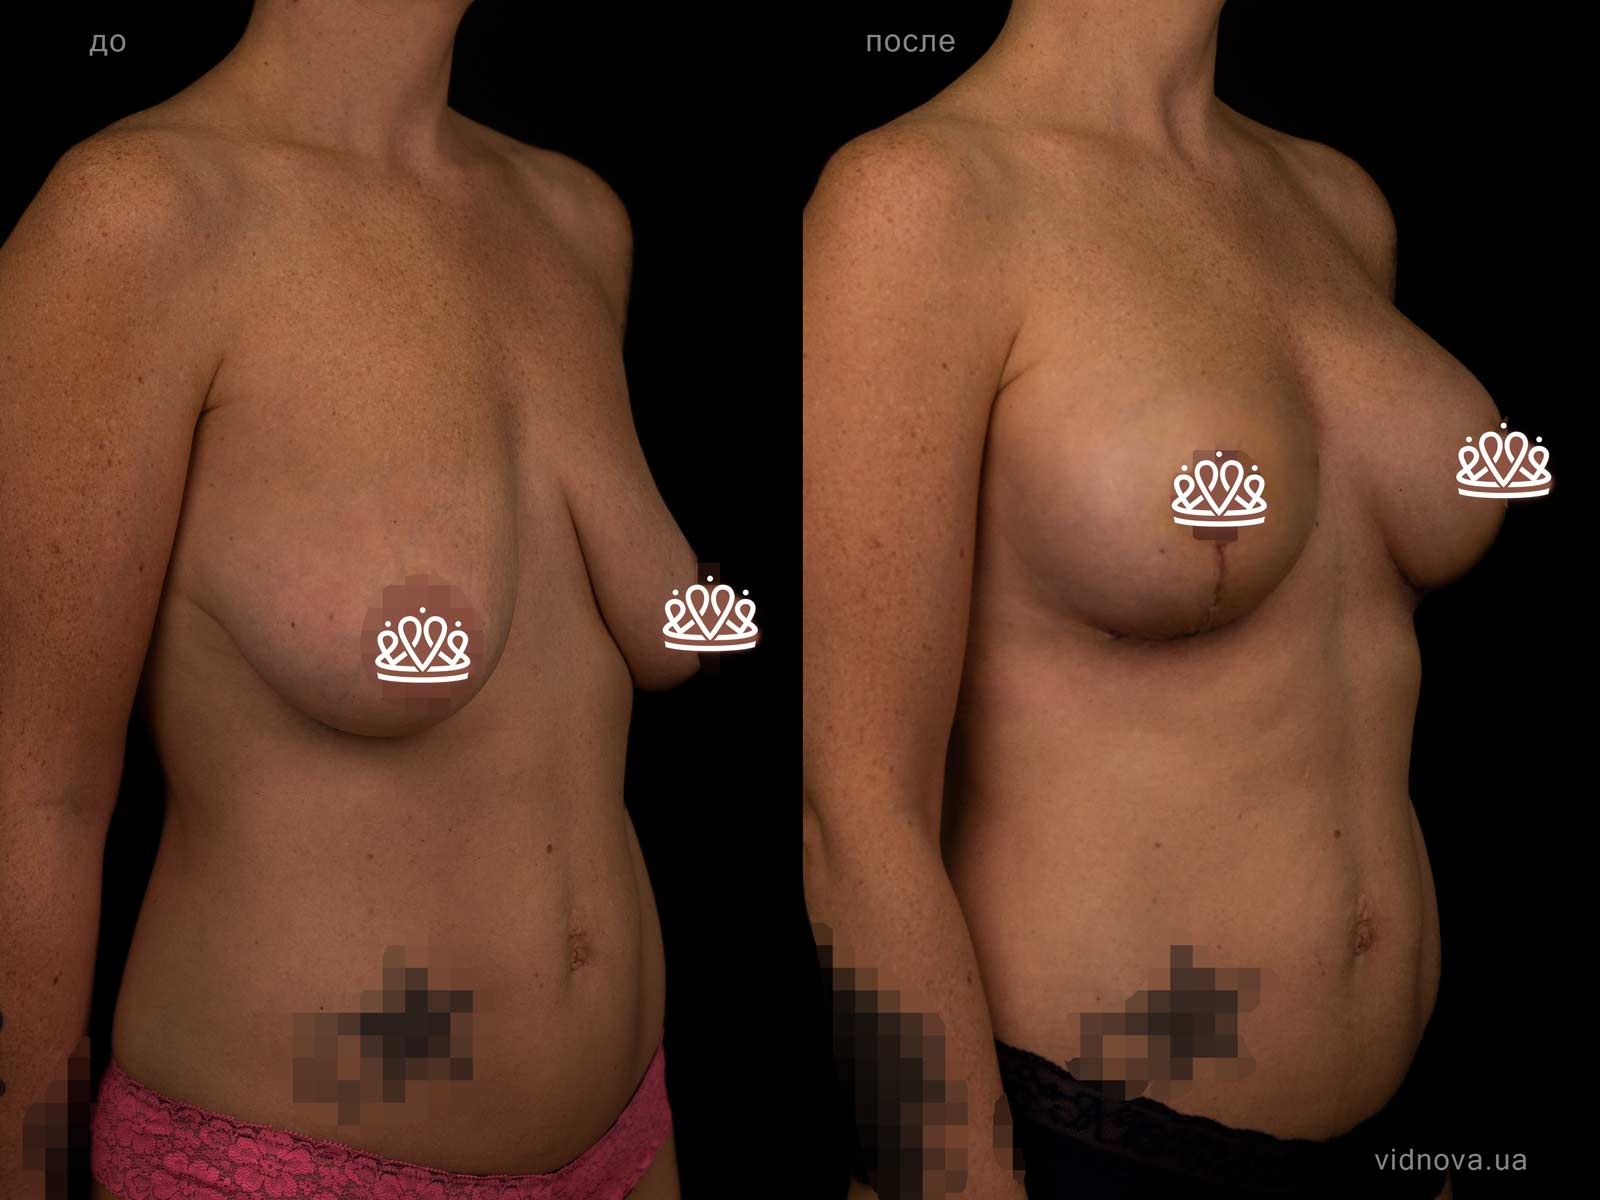 Пластика груди: результаты до и после - Пример №125-1 - Светлана Работенко